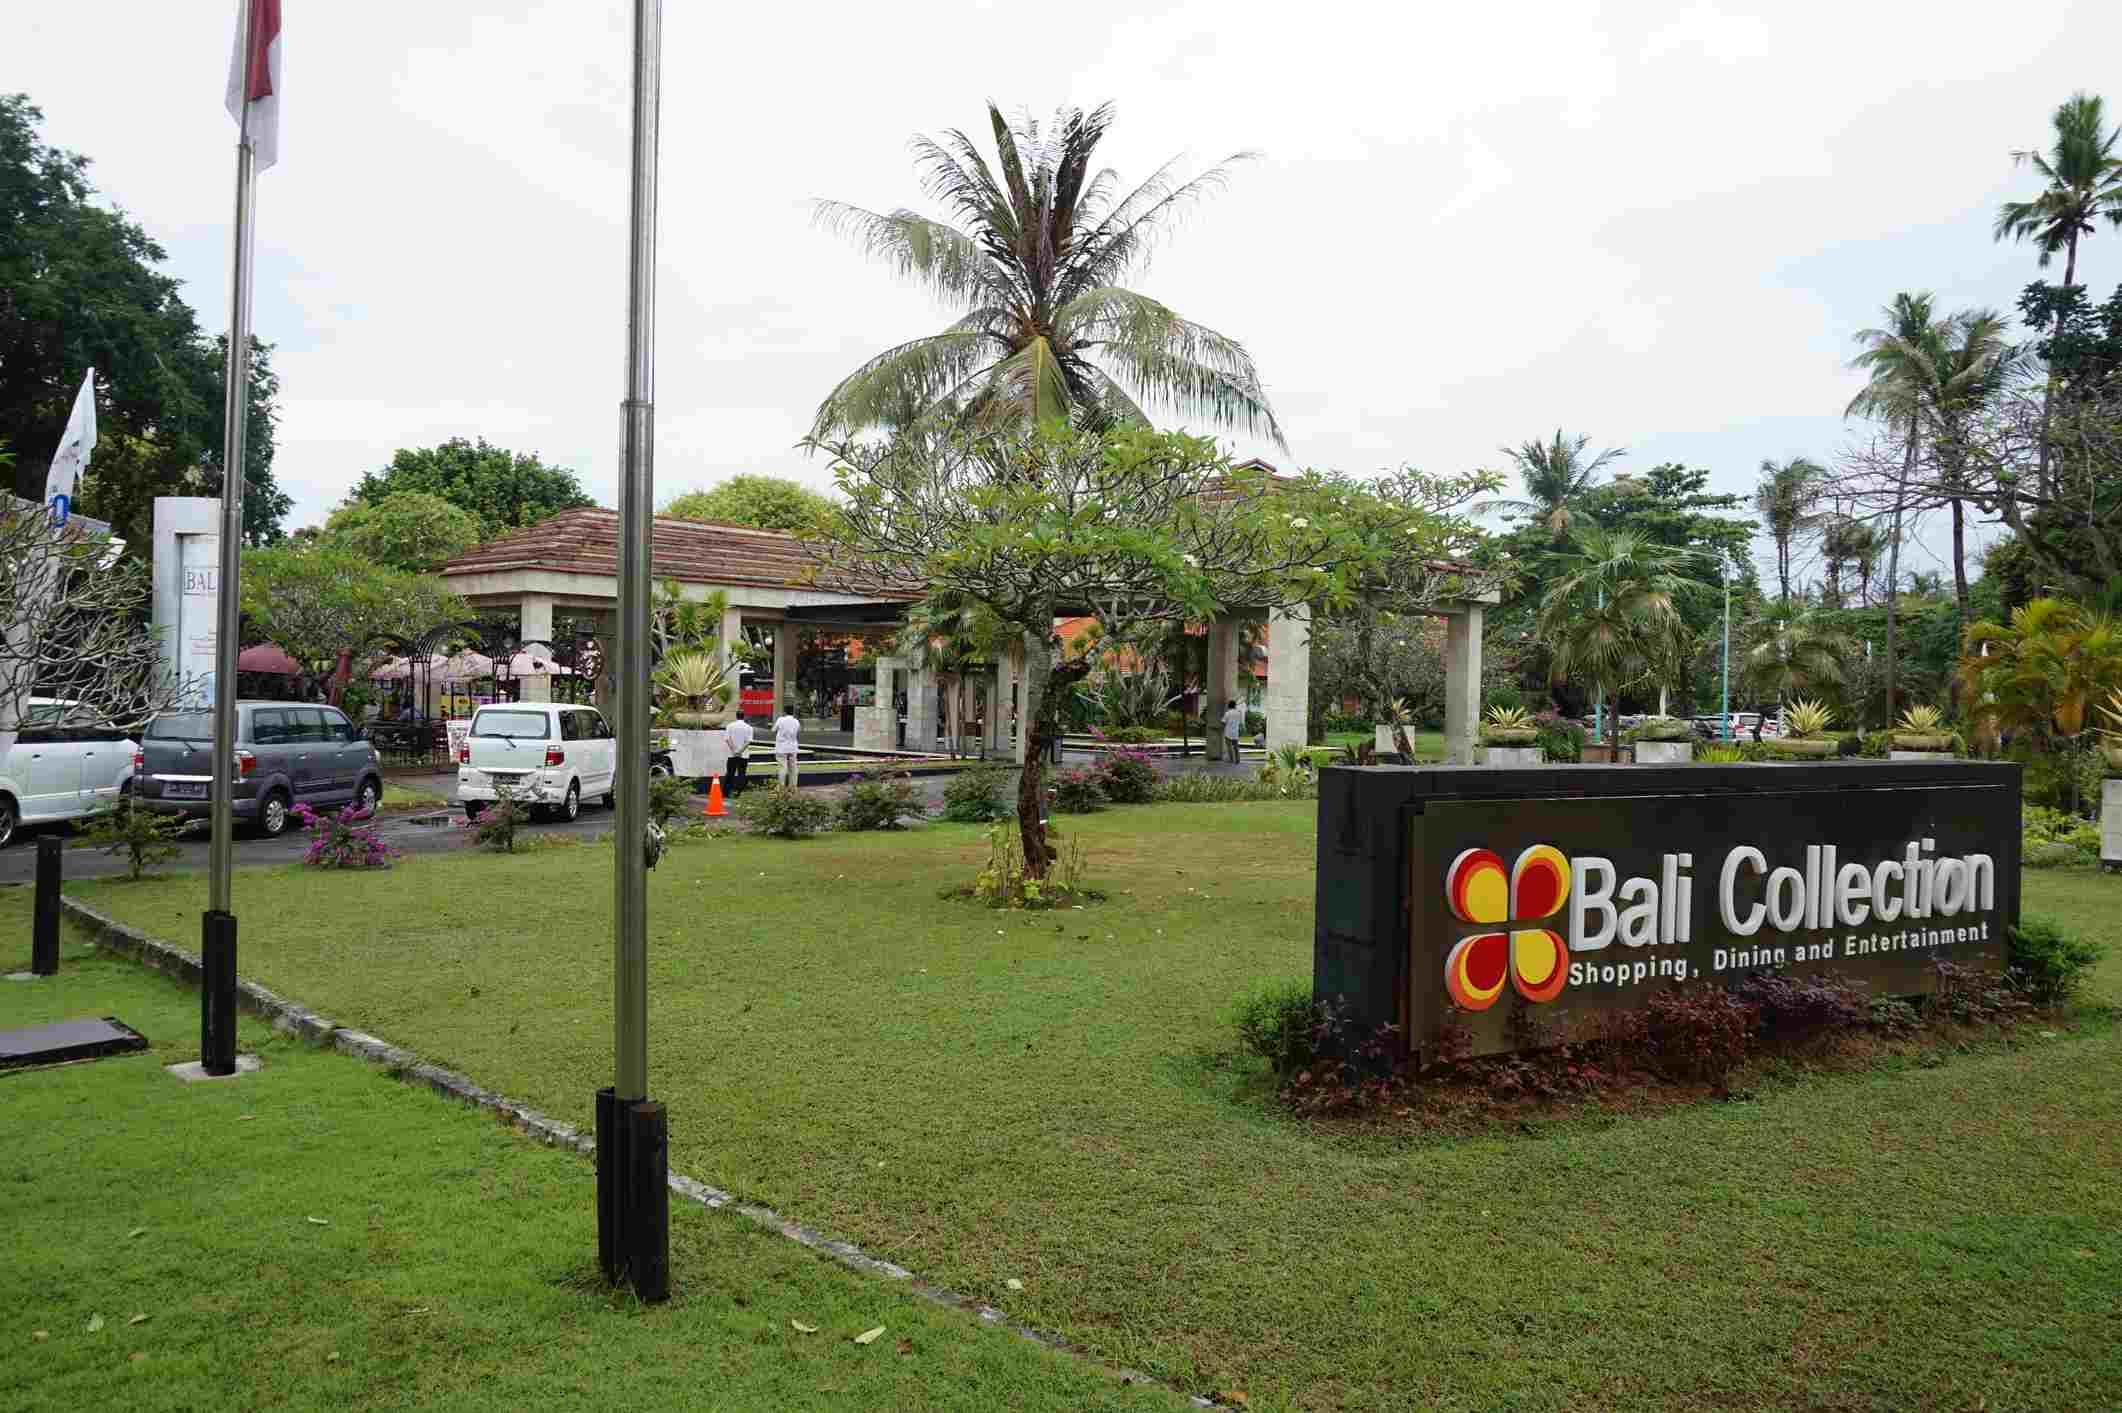 Bali Collection's outdoor garden